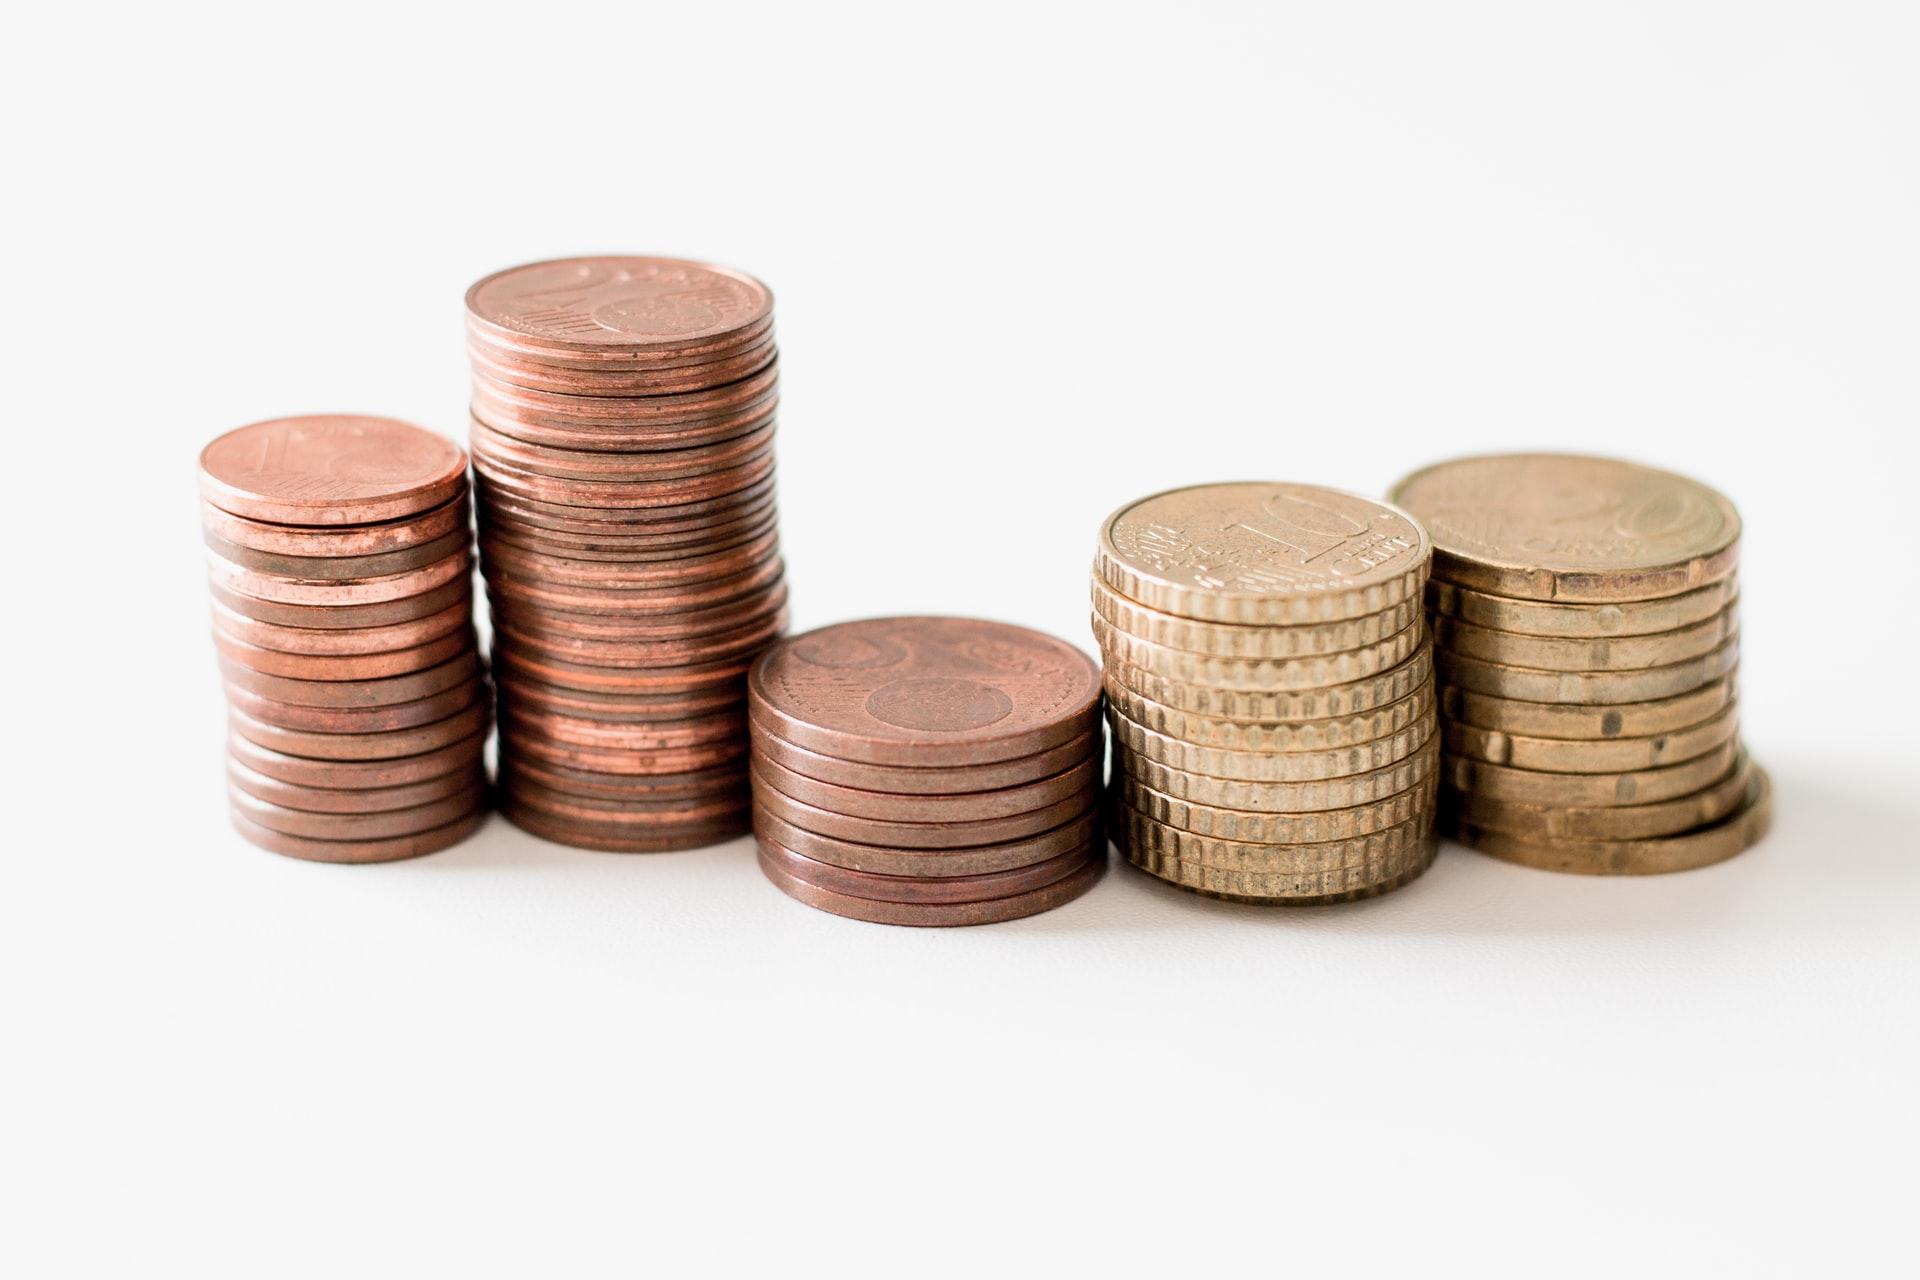 Aanpassing tweede afkoopmoment wetsvoorstel Bedrag Ineens, RVU en verlofsparen